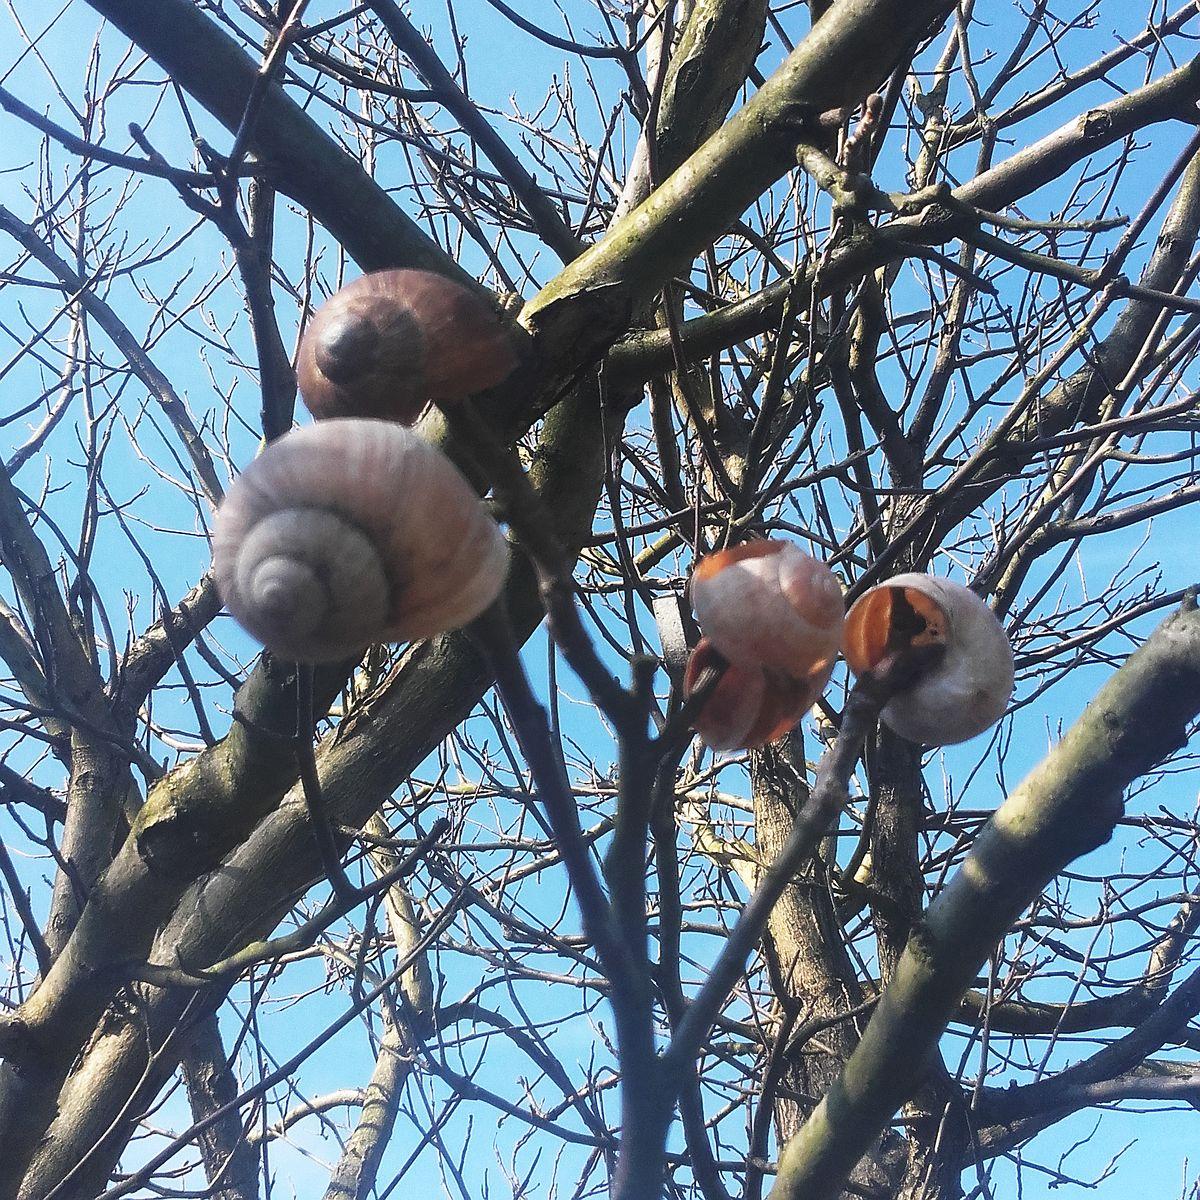 Der Schneckenbaum - Apriloiocus unum (Foto: K. Stein)